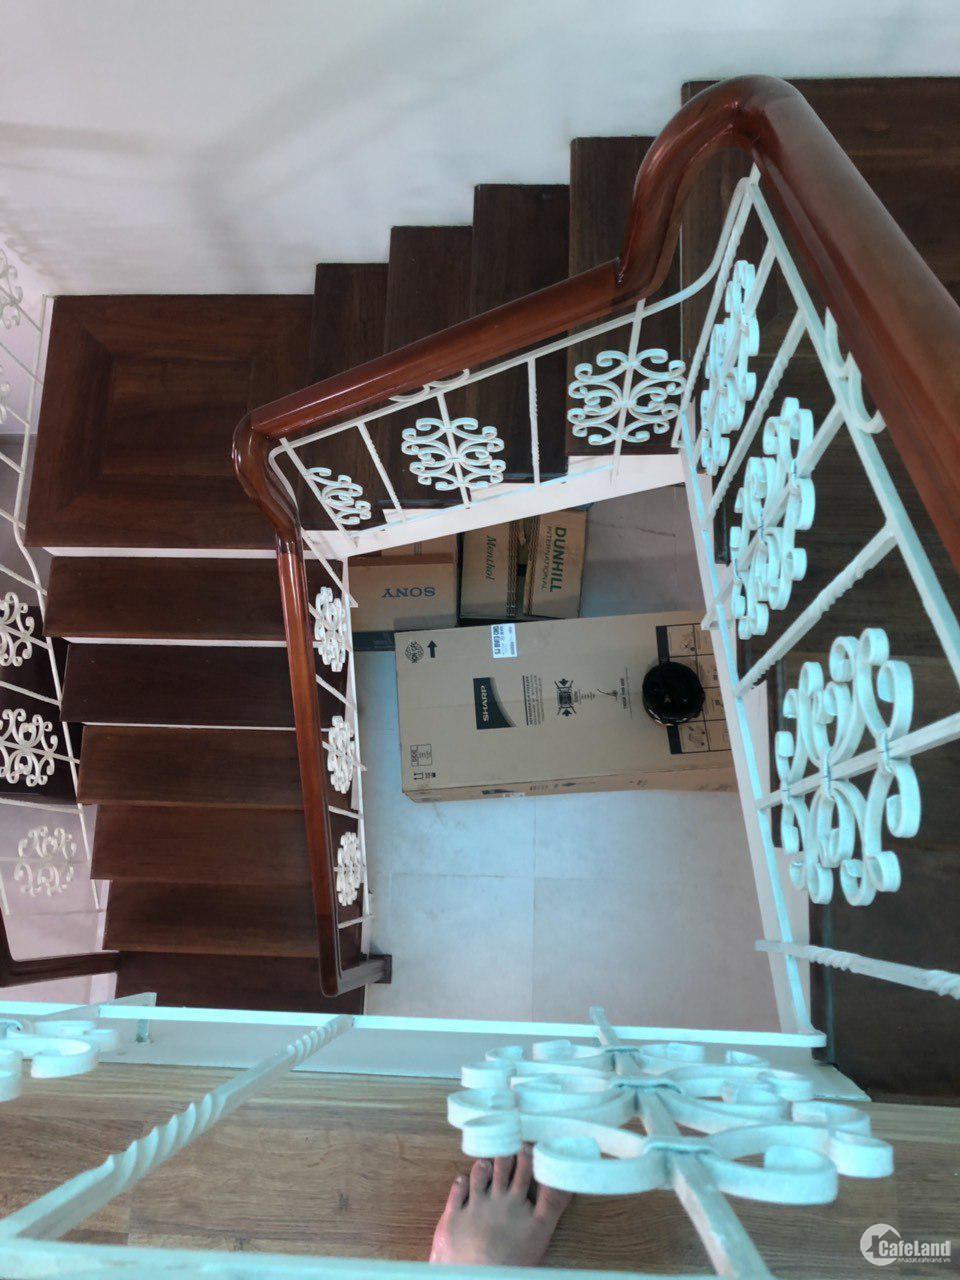 Cần bán căn nhà 3 tầng, đường trưng nữ vương, hải châu, giá hấp dẫn, lh 07684568